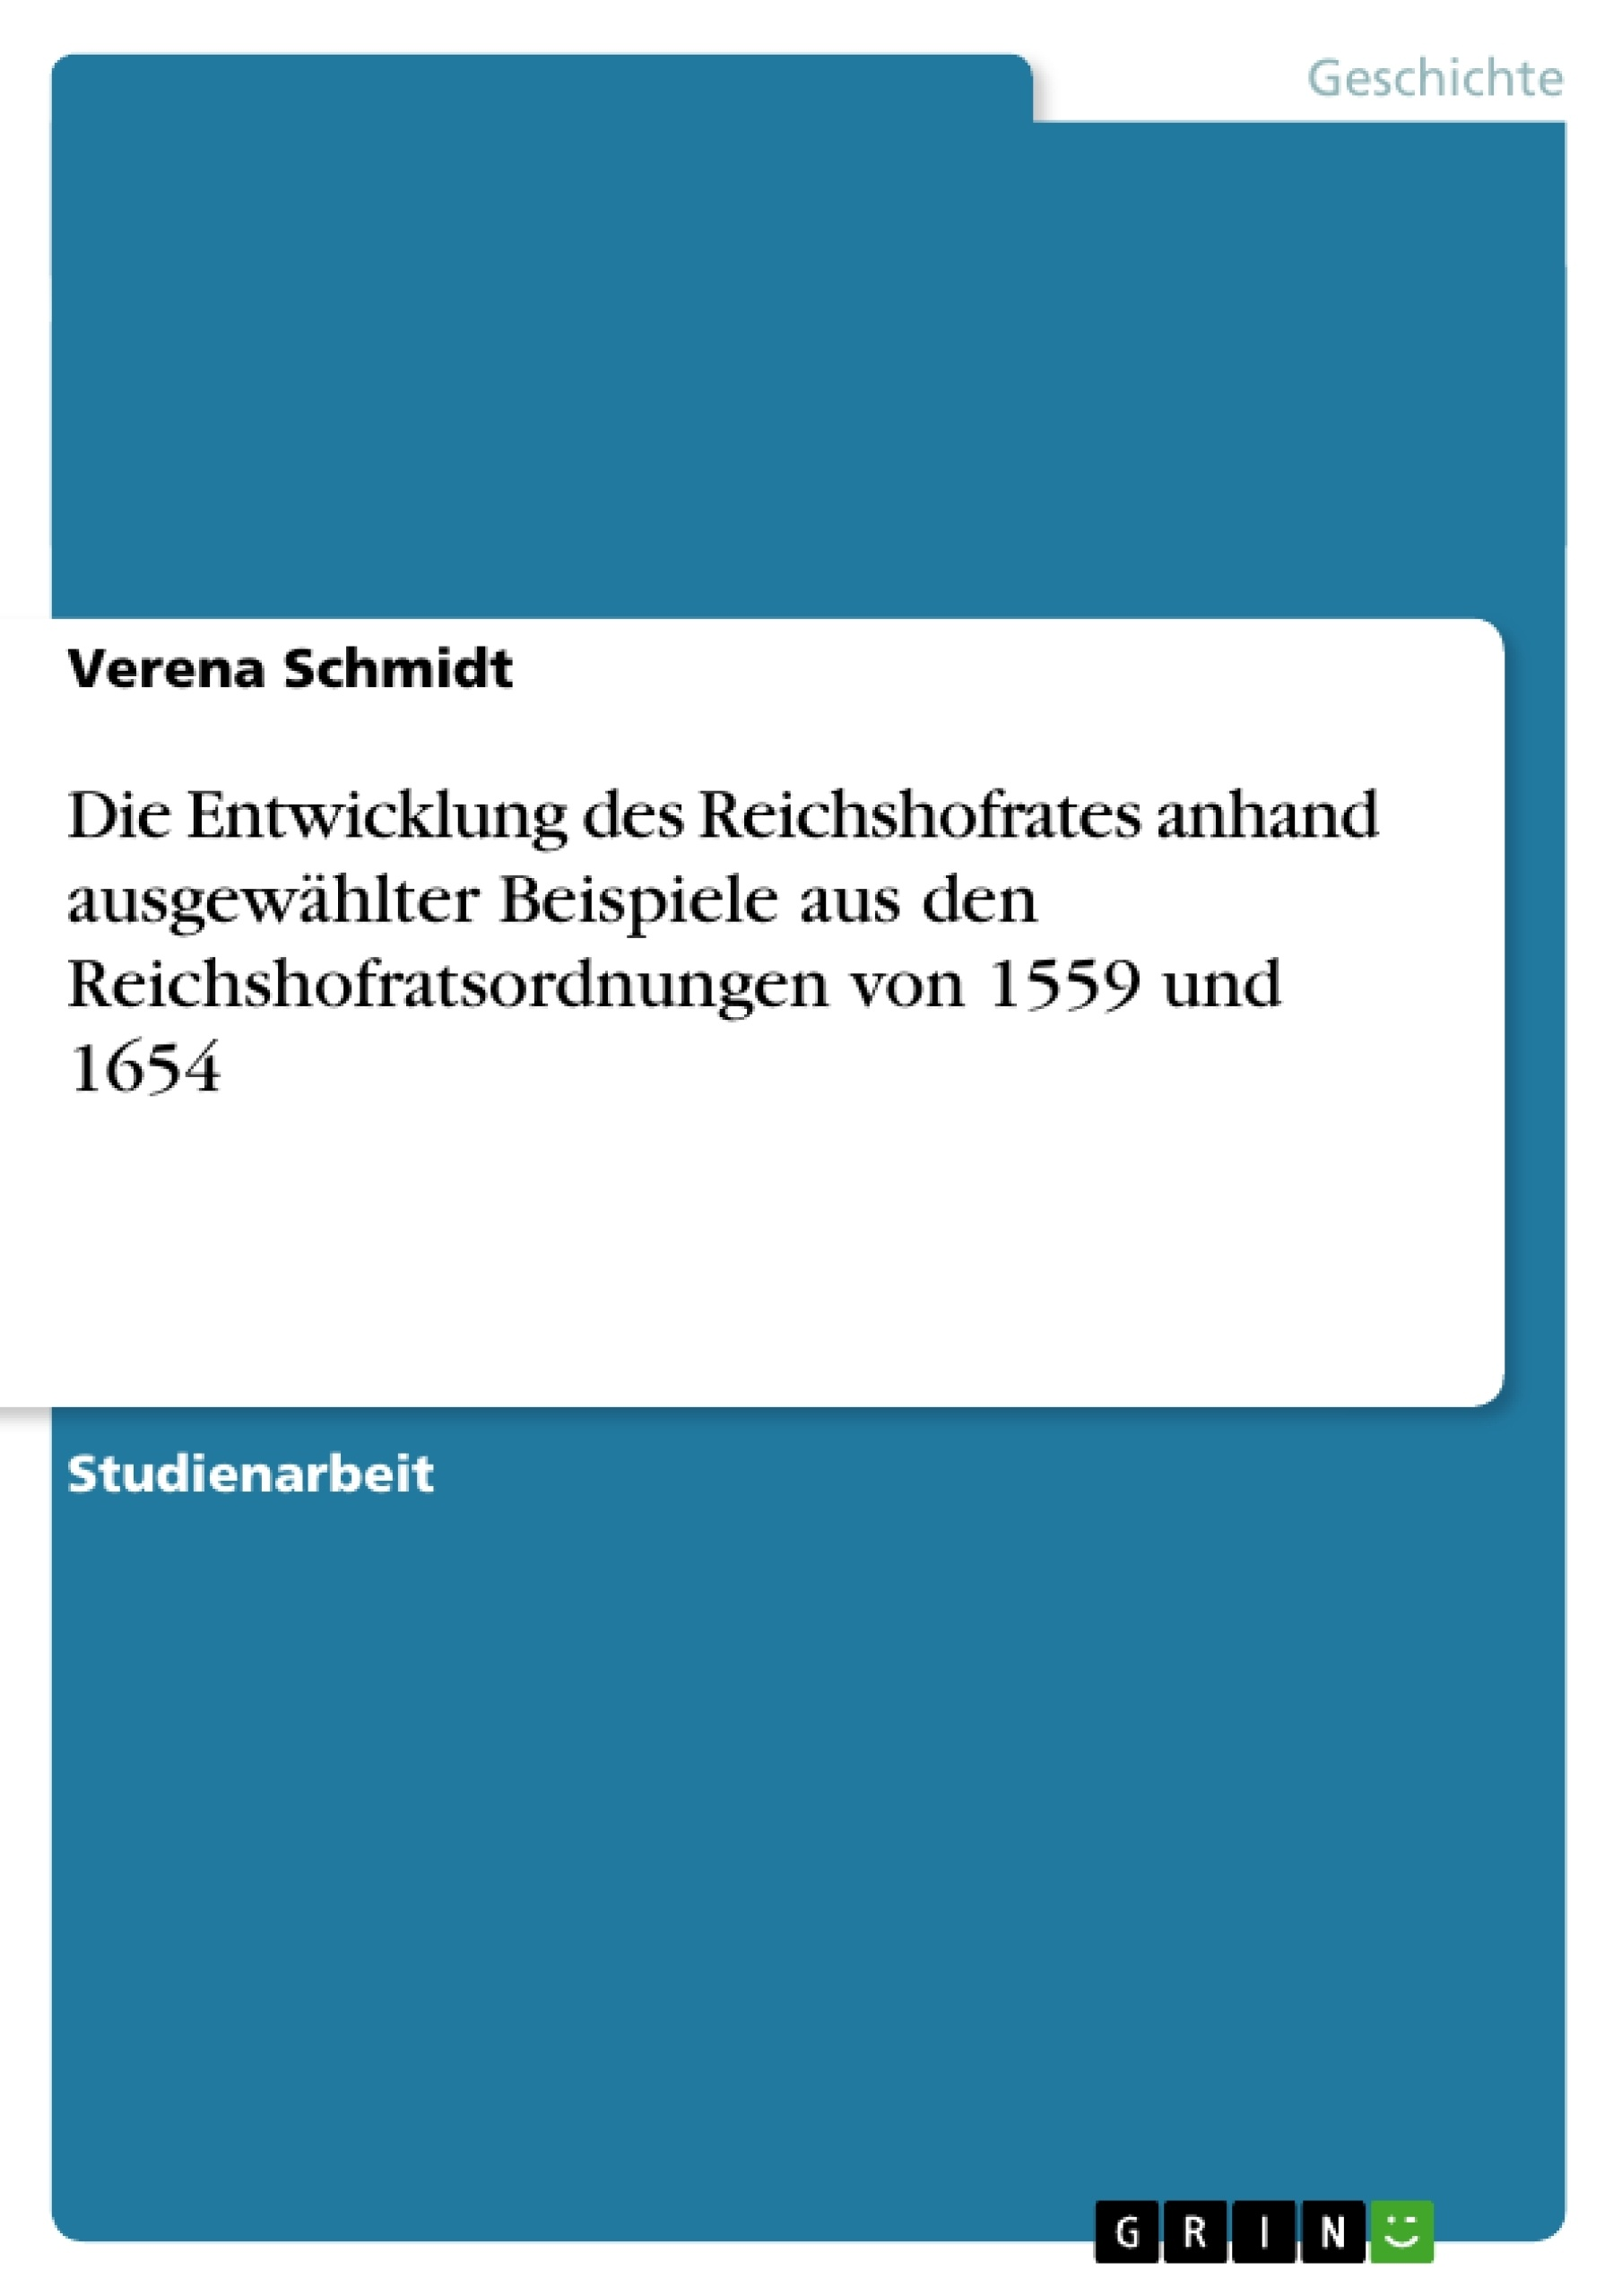 Titel: Die Entwicklung des Reichshofrates anhand ausgewählter Beispiele aus den Reichshofratsordnungen von 1559 und 1654